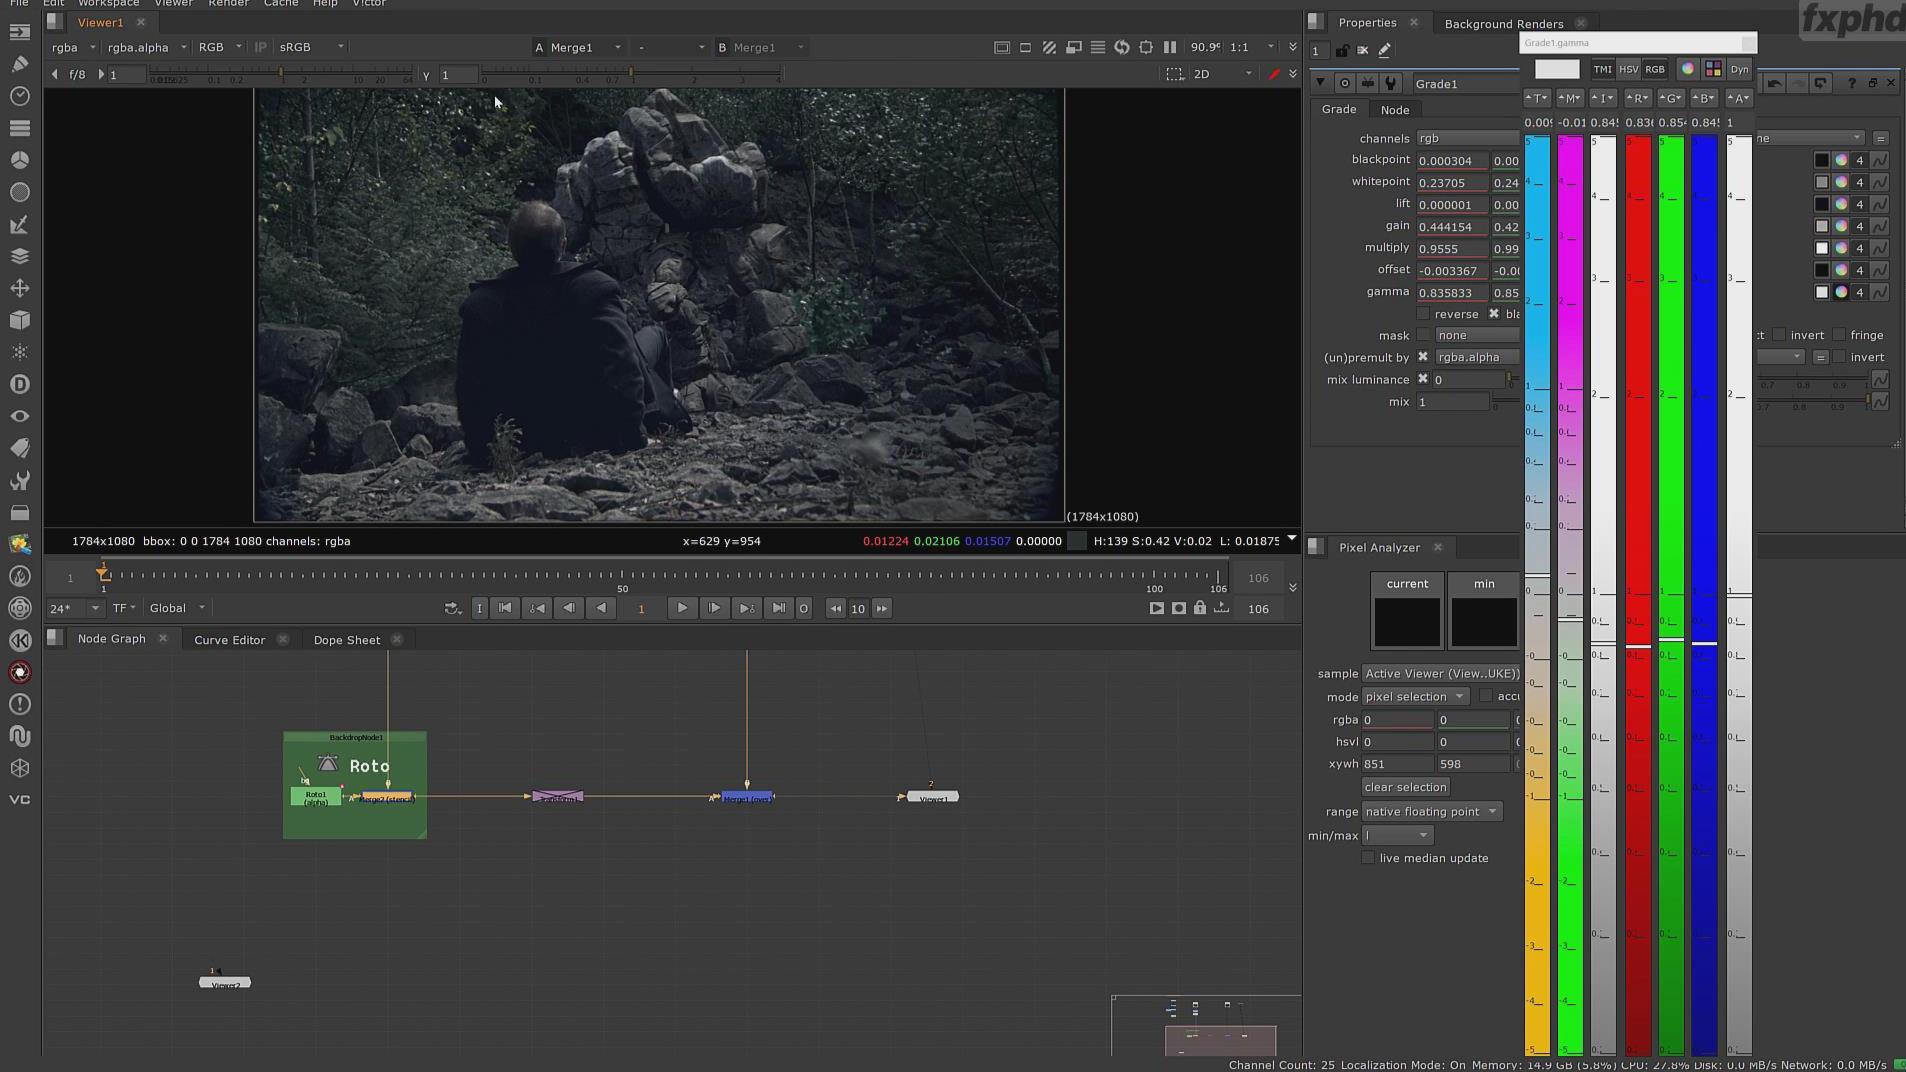 【Nuke】真实场景特效合成基础核心训练视频教程第二季(中英双字)